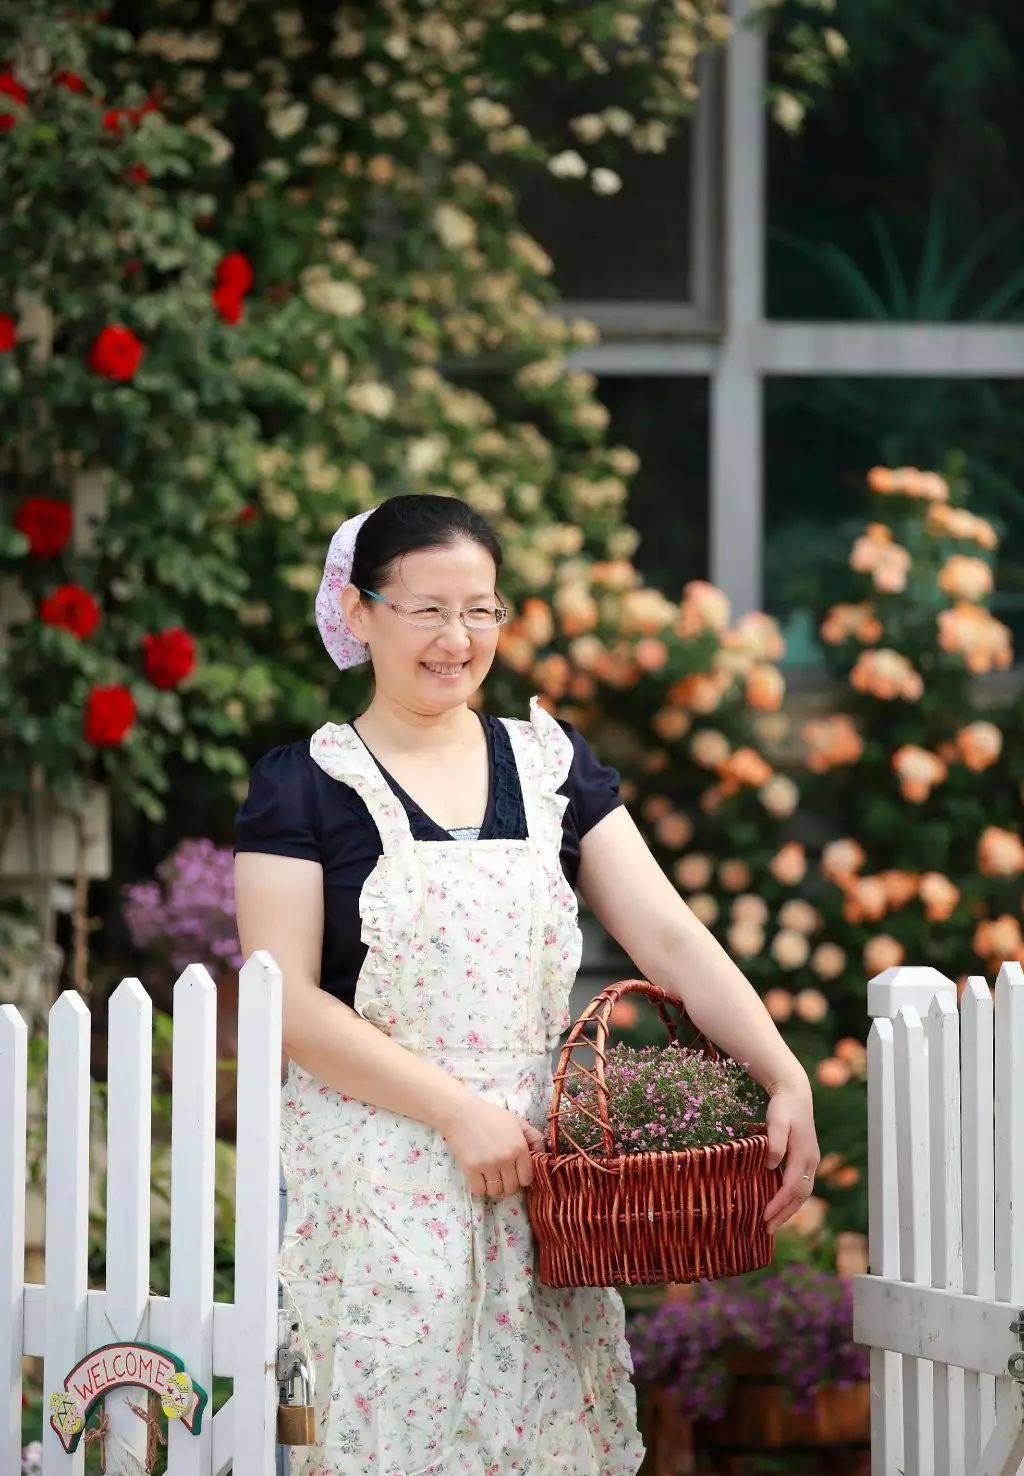 Ngôi nhà tràn ngập sắc hoa hồng ở thị trấn nhỏ của cô gái dành cả thanh xuân chỉ để trồng hoa làm đẹp nhà - Ảnh 11.